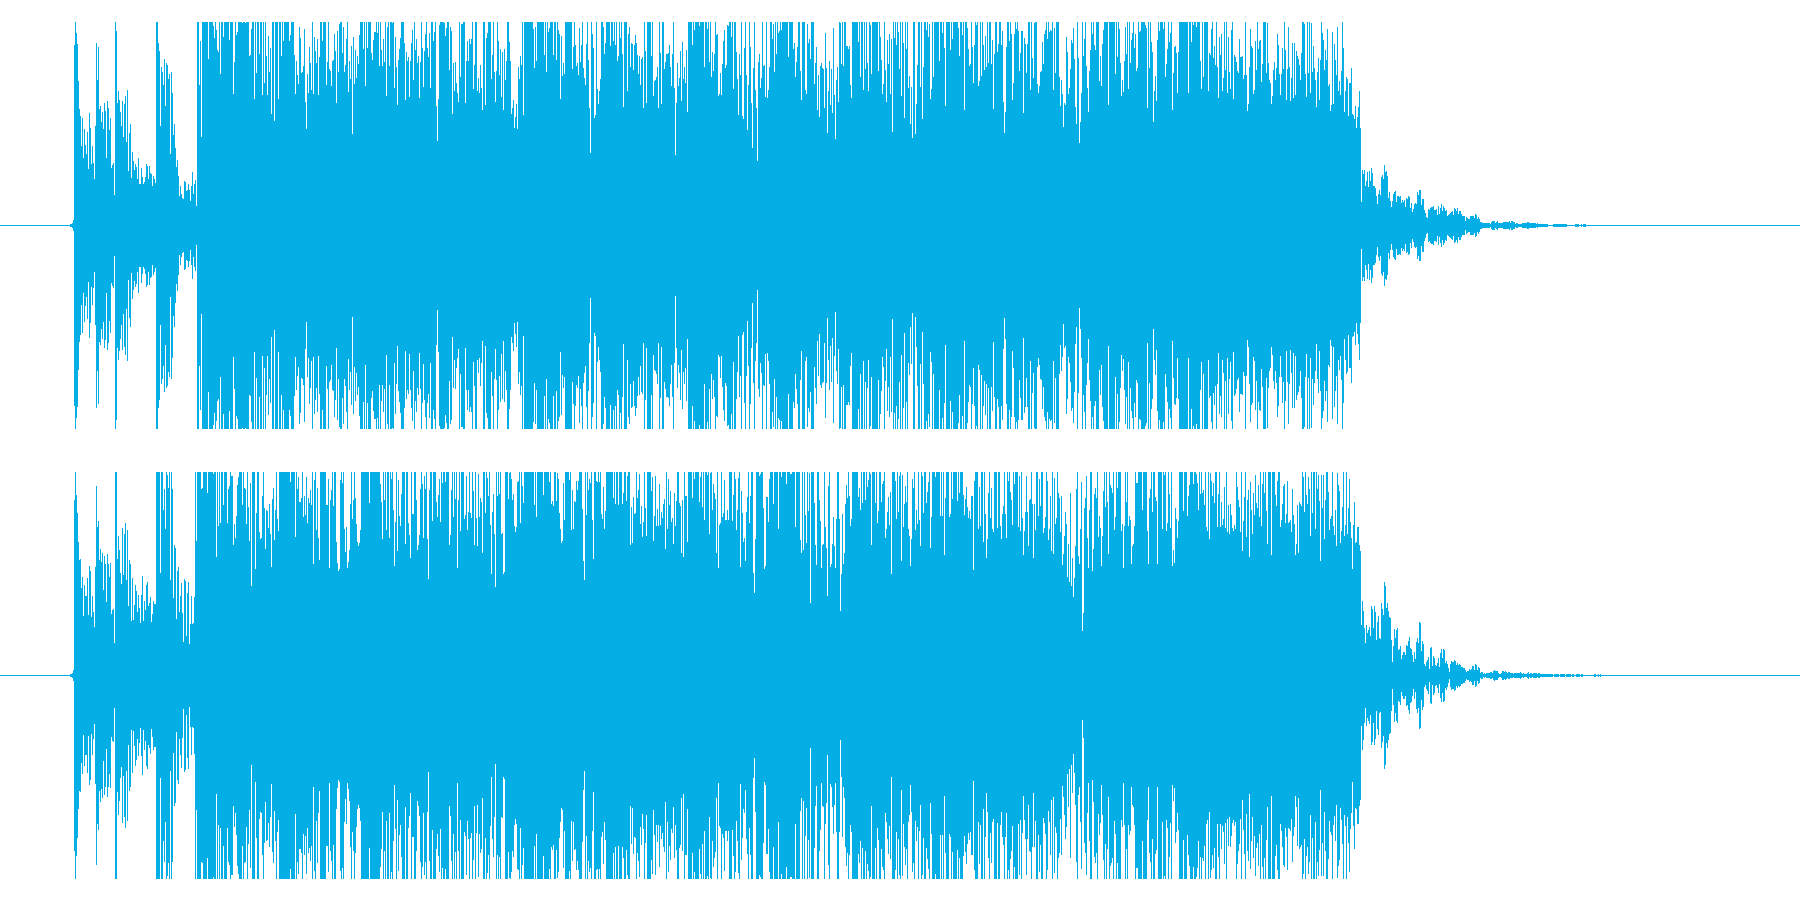 メロデス ジングル bpm220 疾走の再生済みの波形